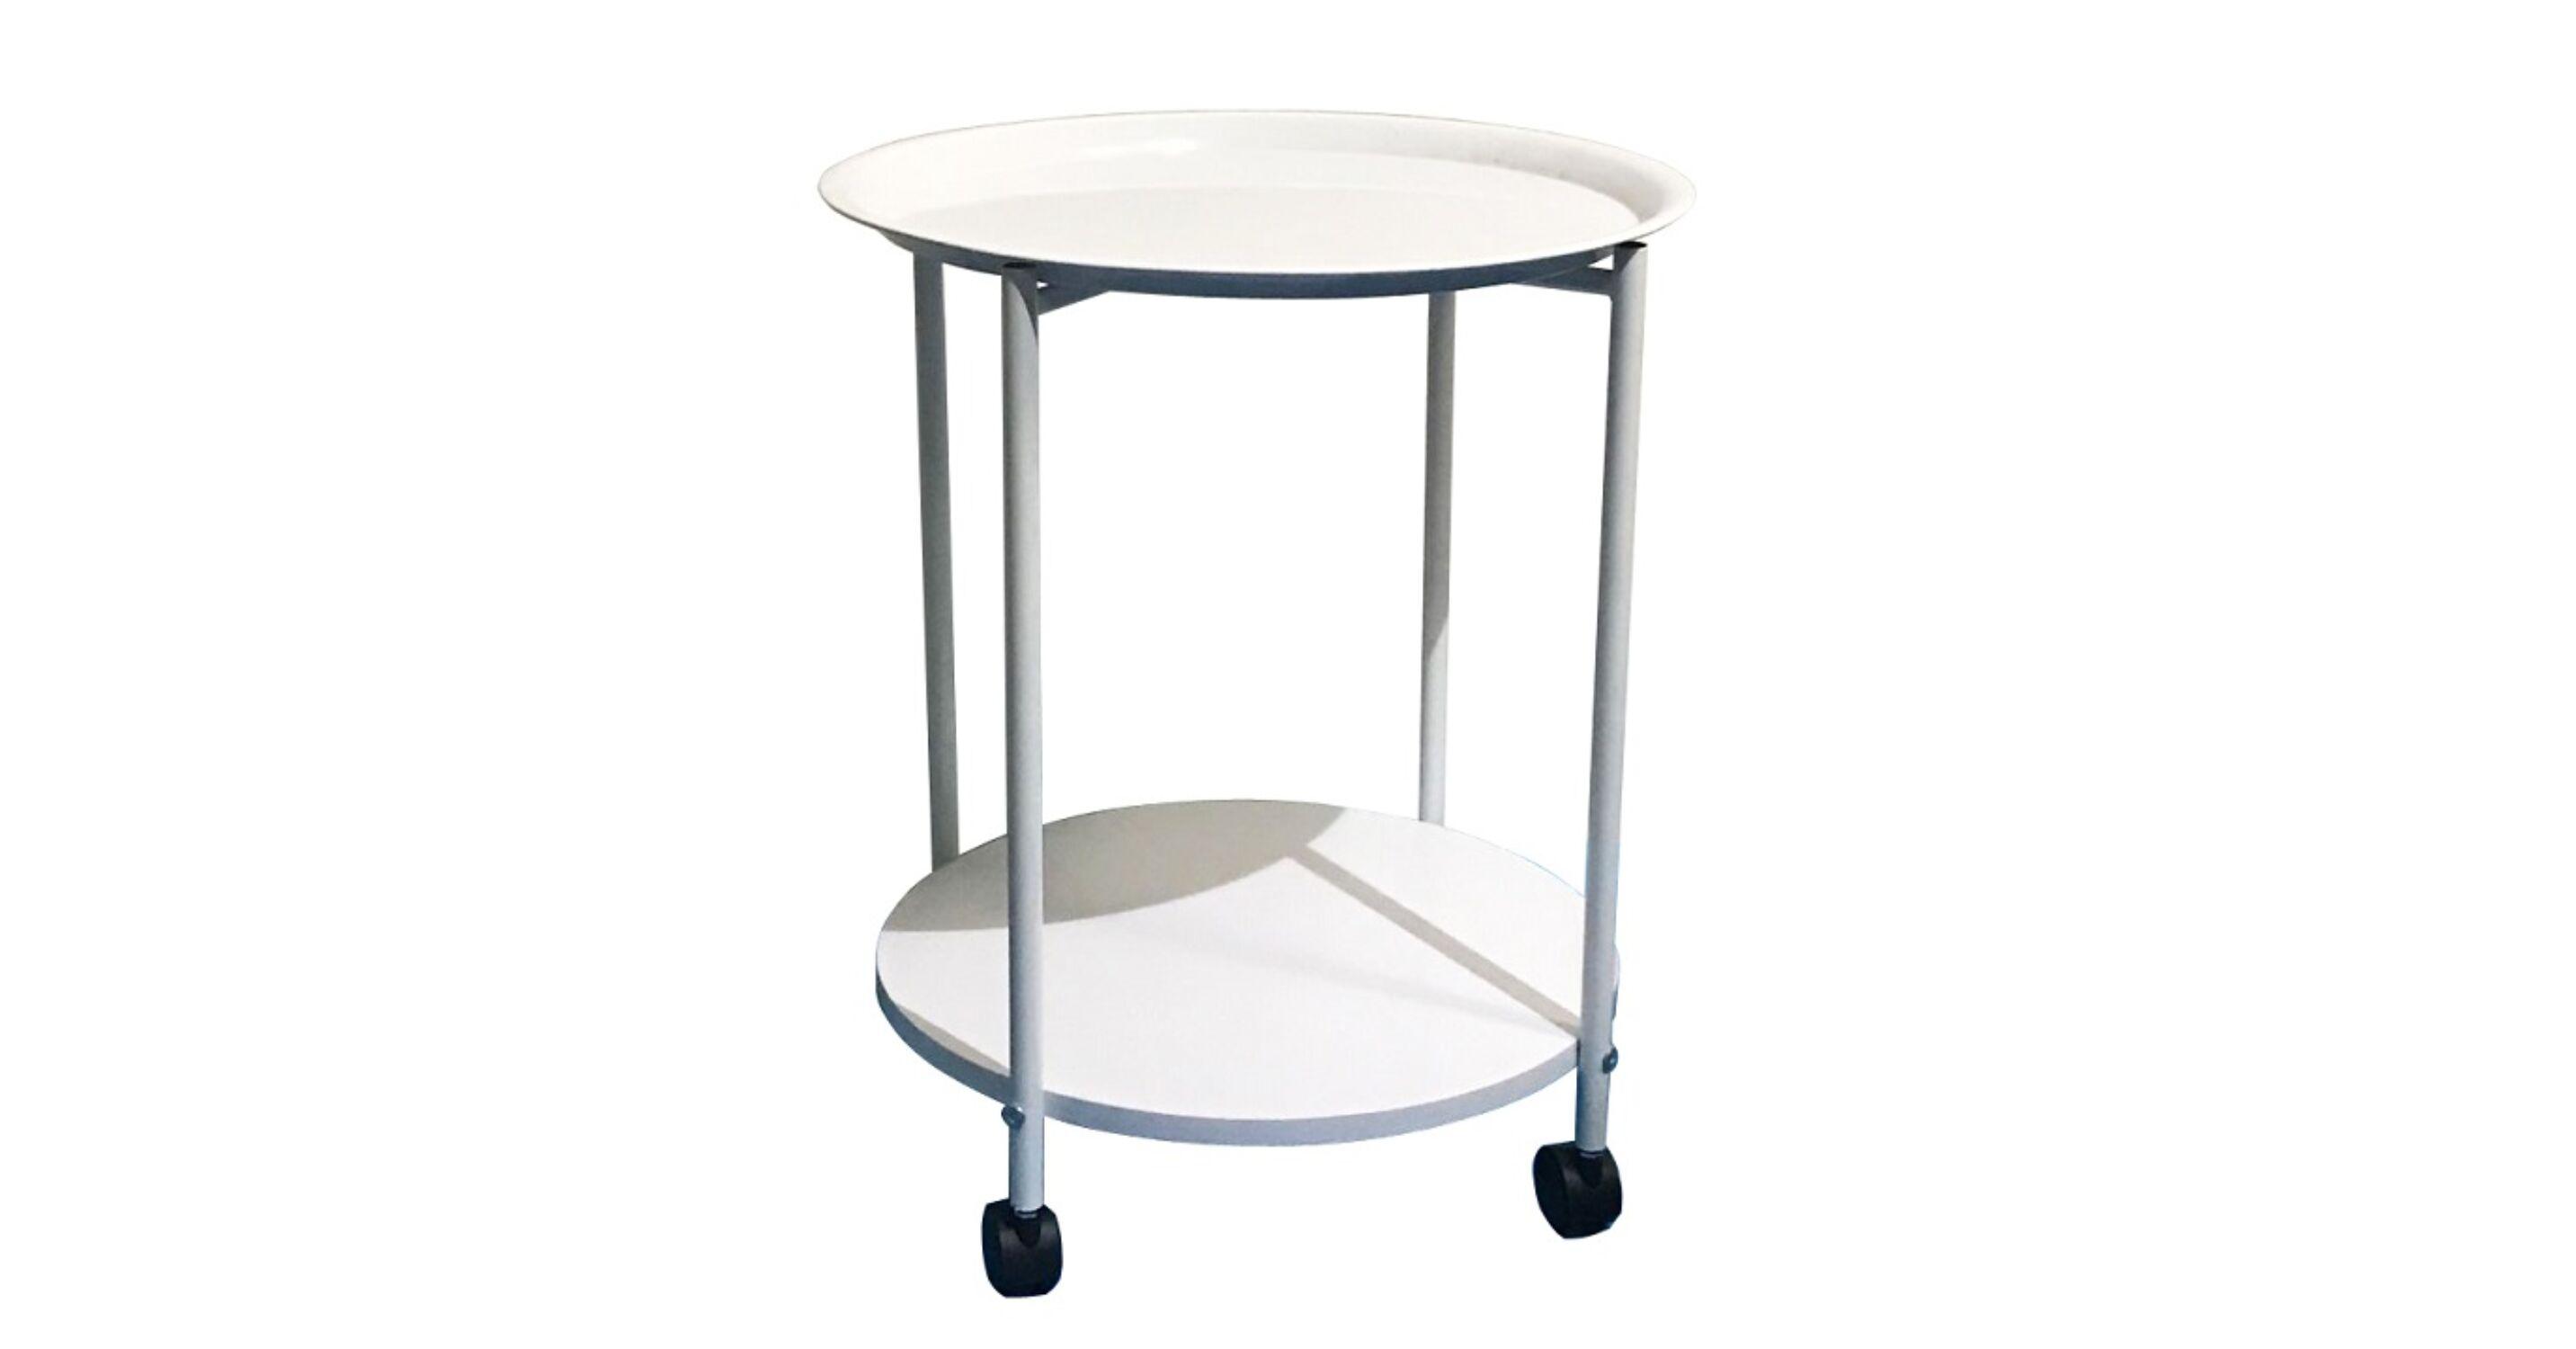 71940875f8a9 DERIN Modern kerekes kézi asztalka : MDF / fém